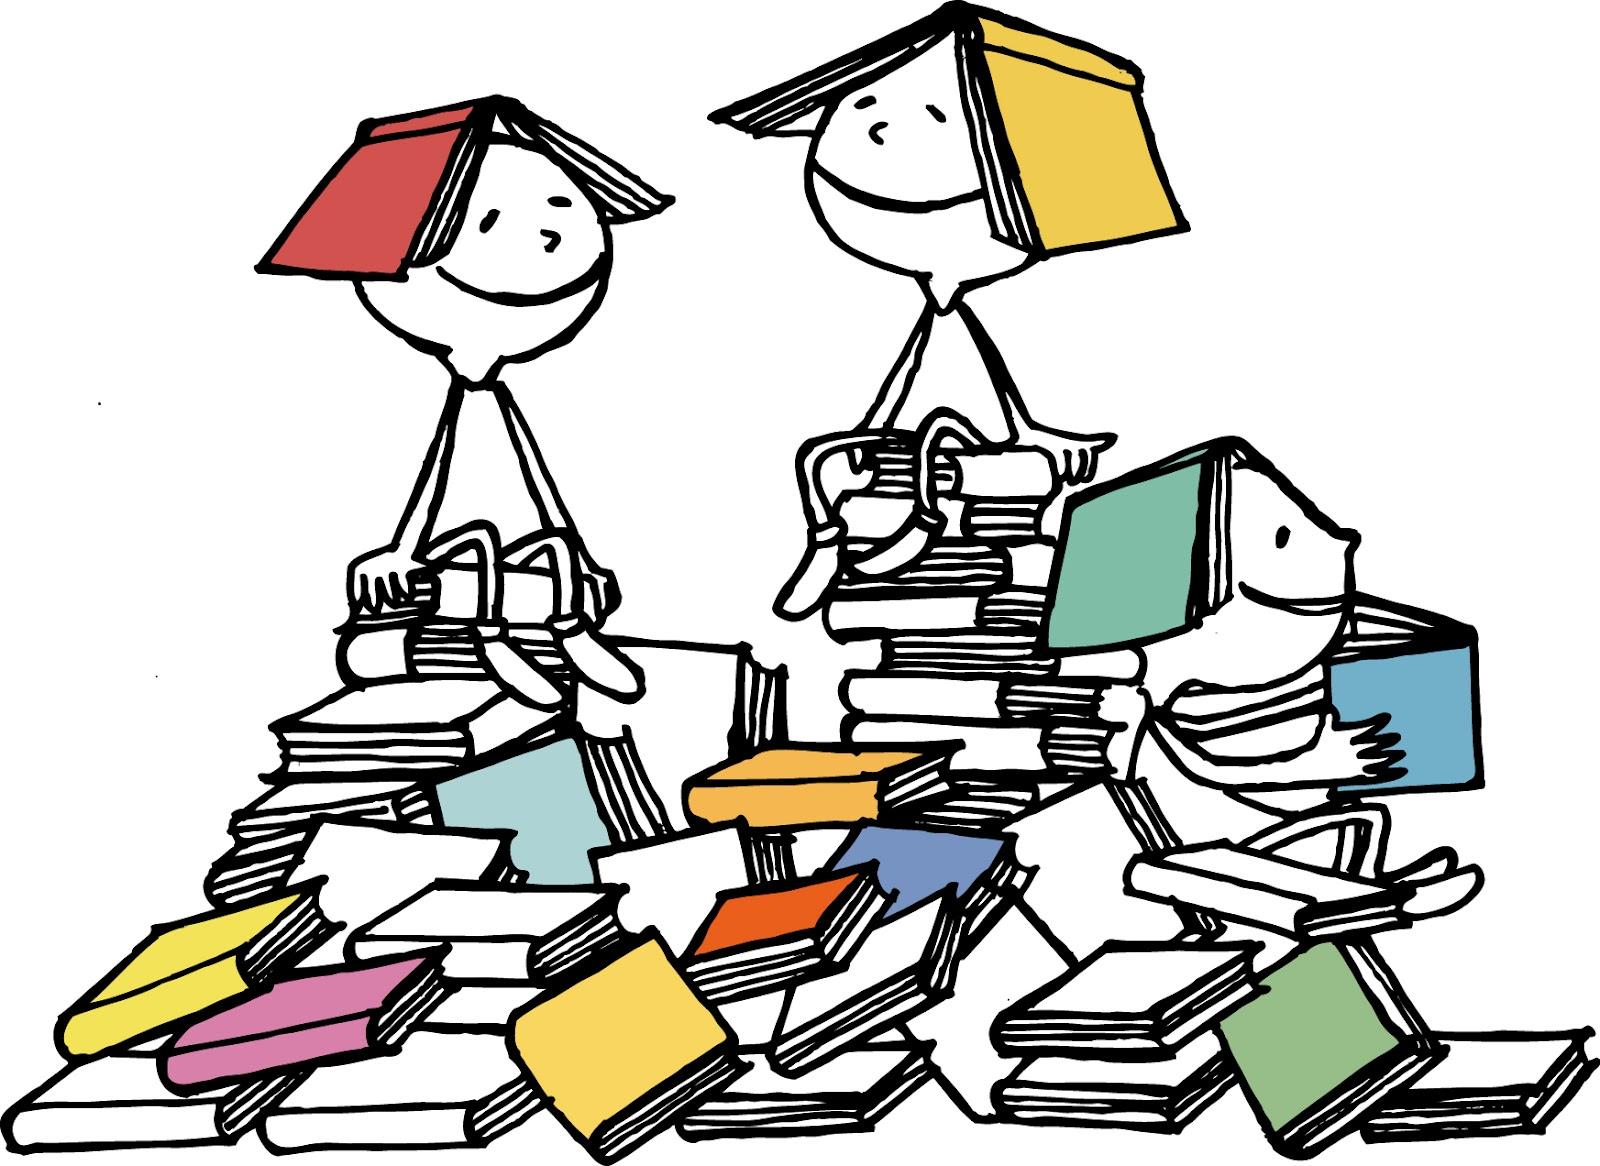 Topipittori i libri spediamoli a scuola for Libri scuola